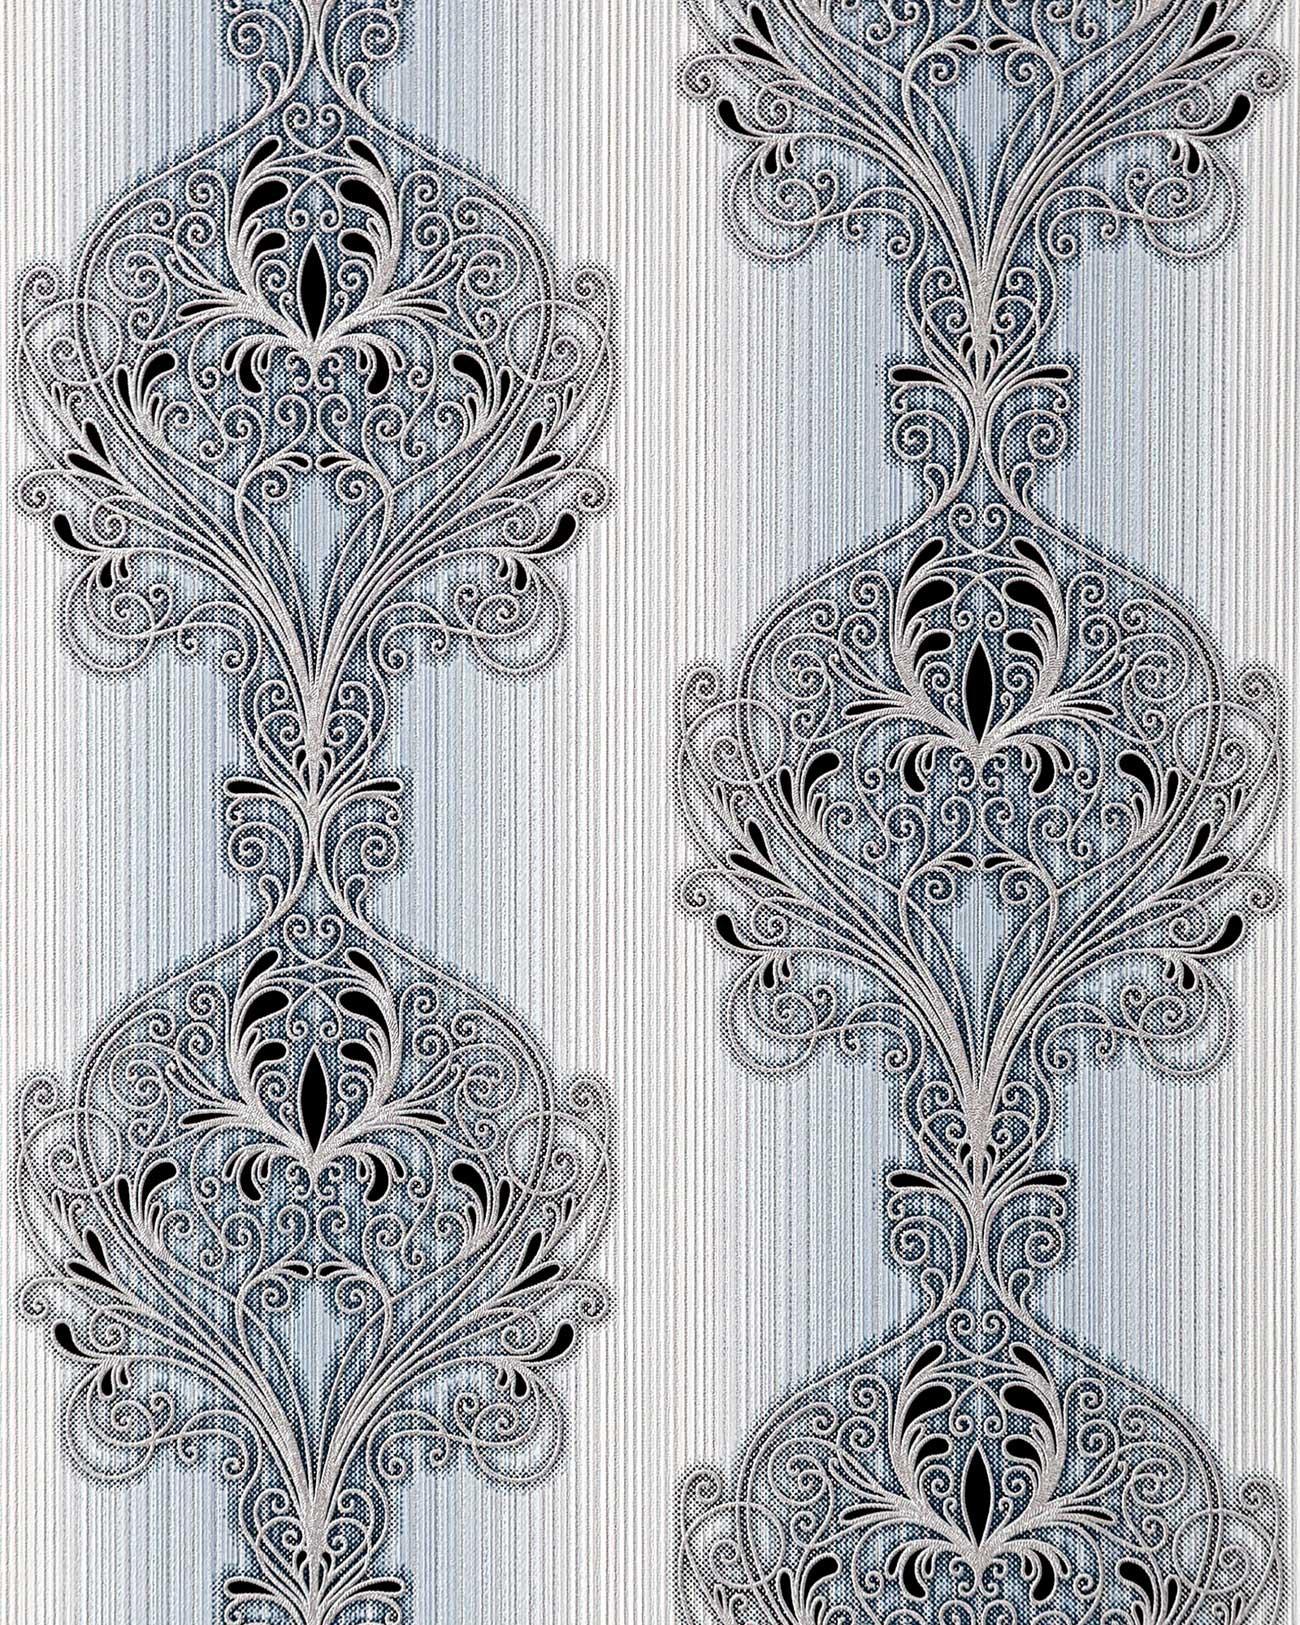 Papier peint baroque damass ornement moderne et orn edem 096 26 bleu clair gris blanc argent - Papier peint noir et argent ...